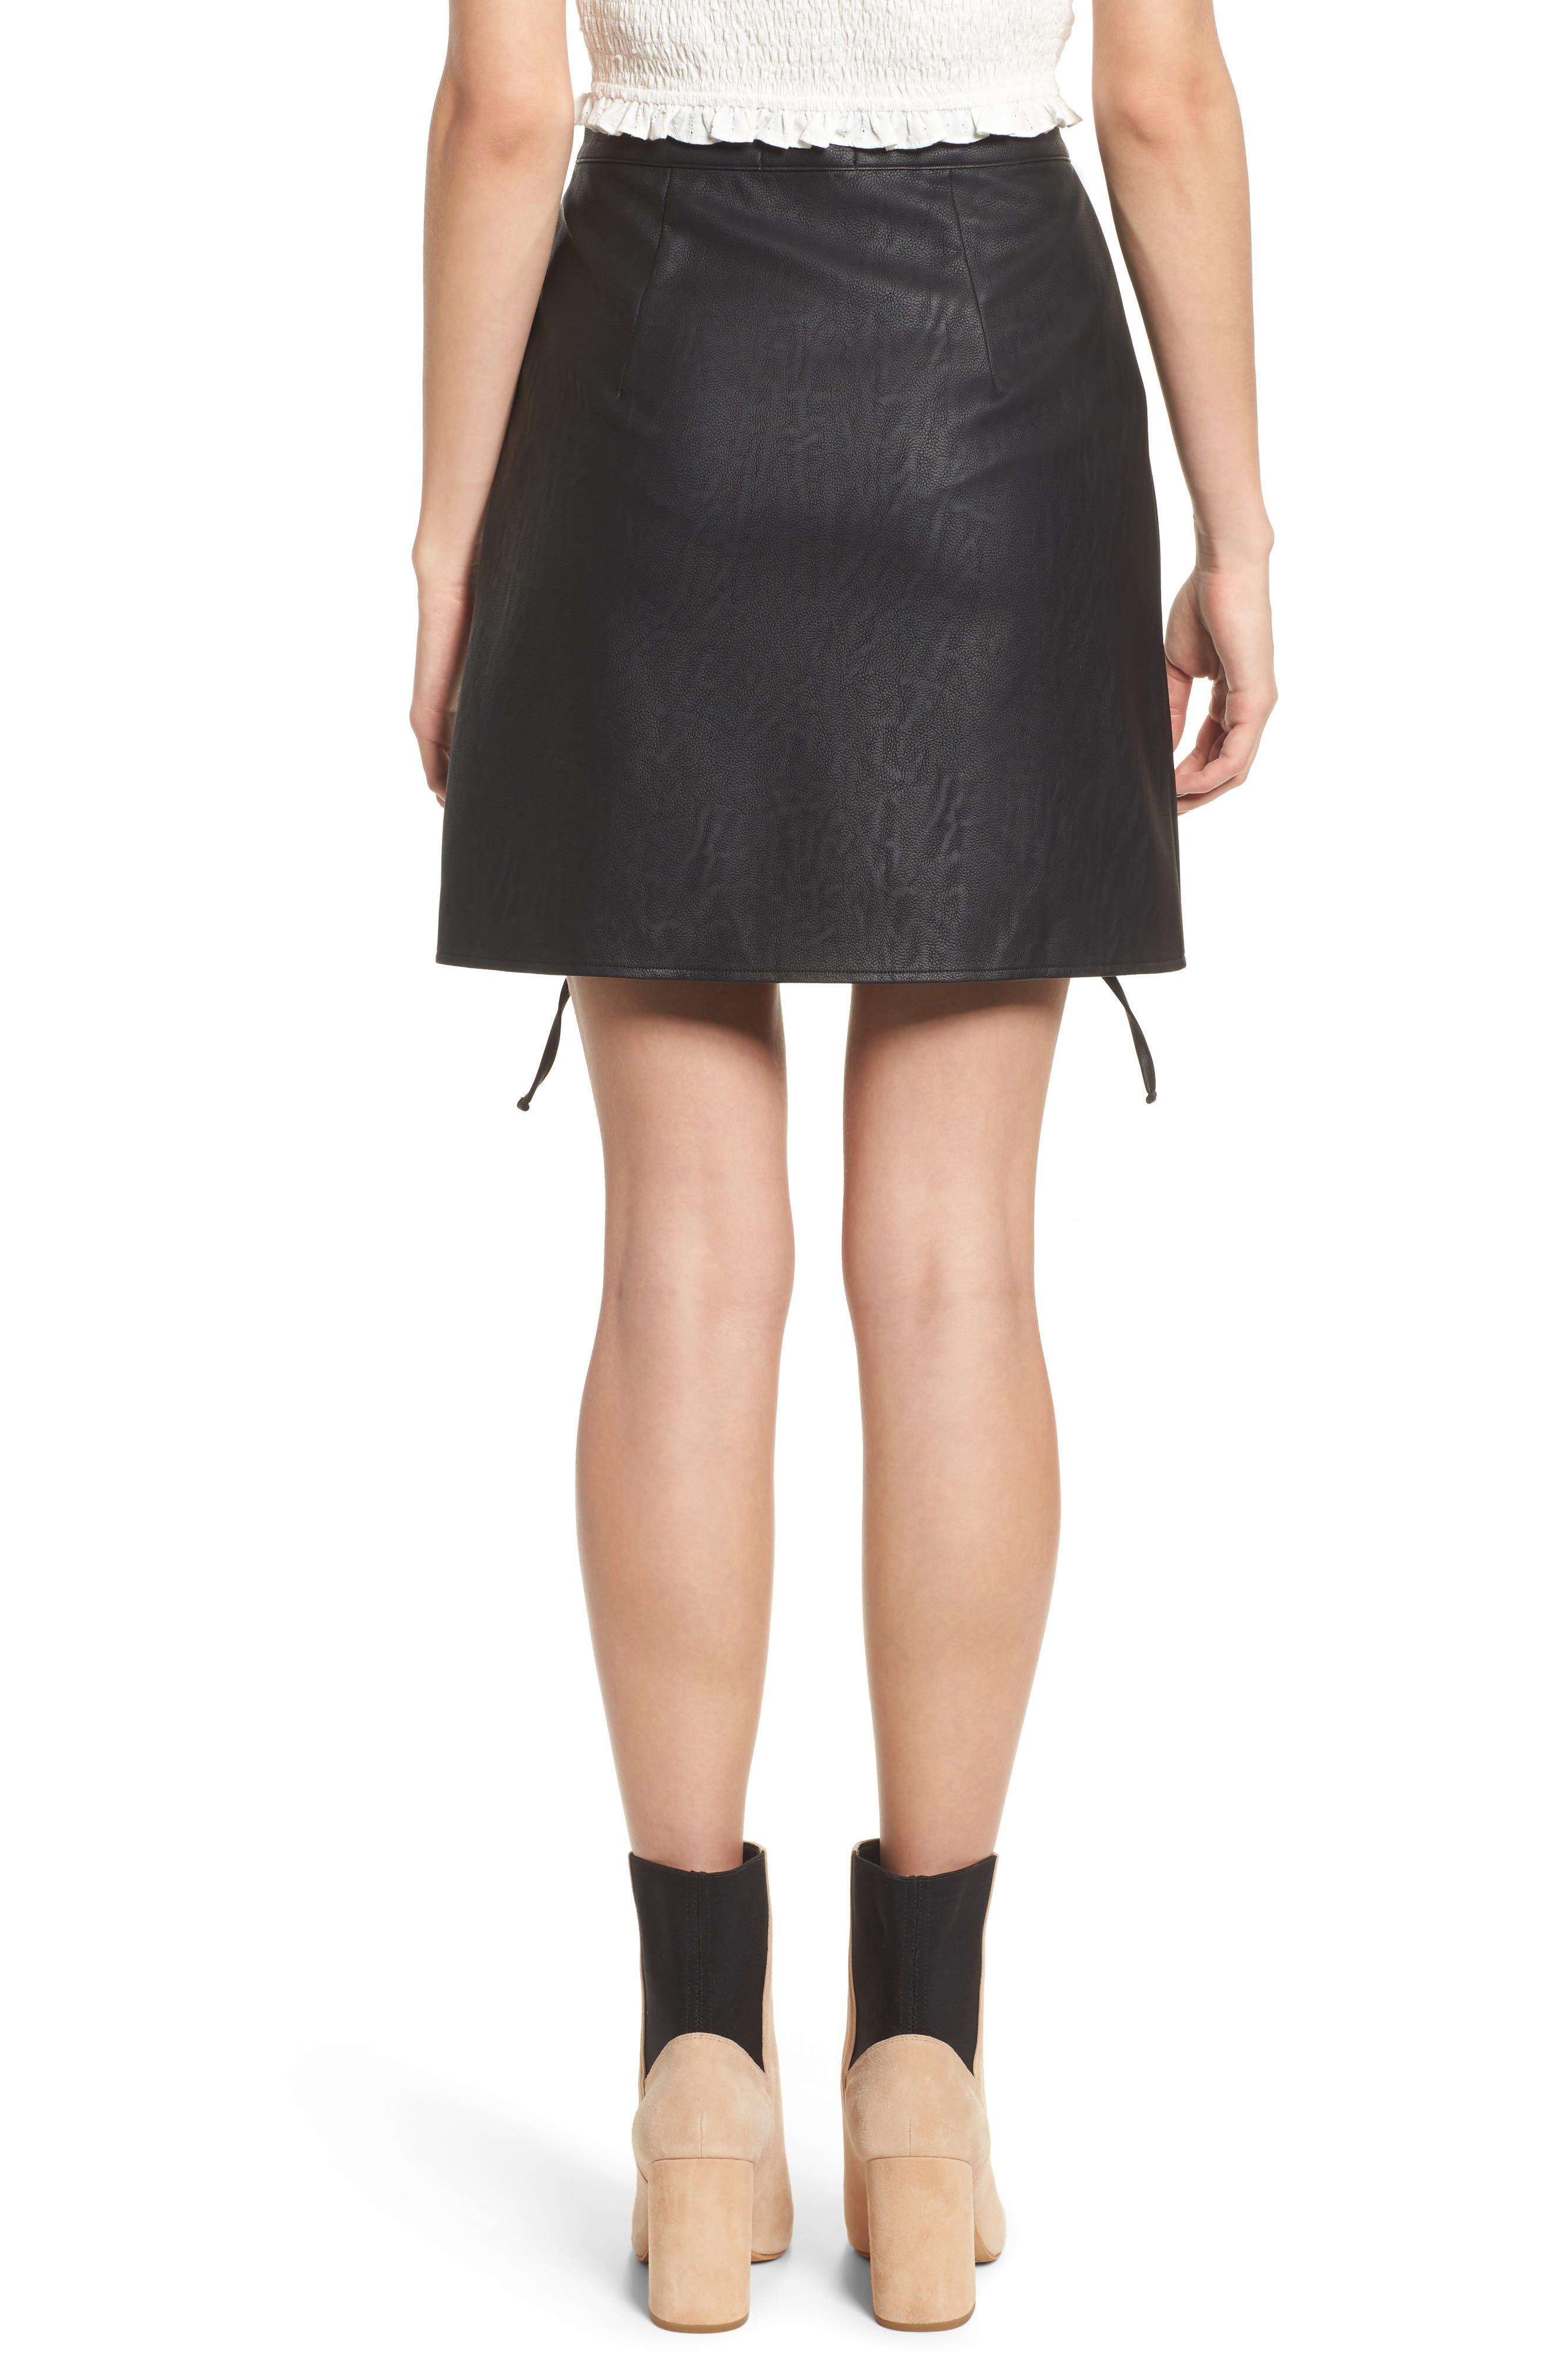 Dakota Lace Up Faux Leather Skirt,                             Alternate thumbnail 3, color,                             Black